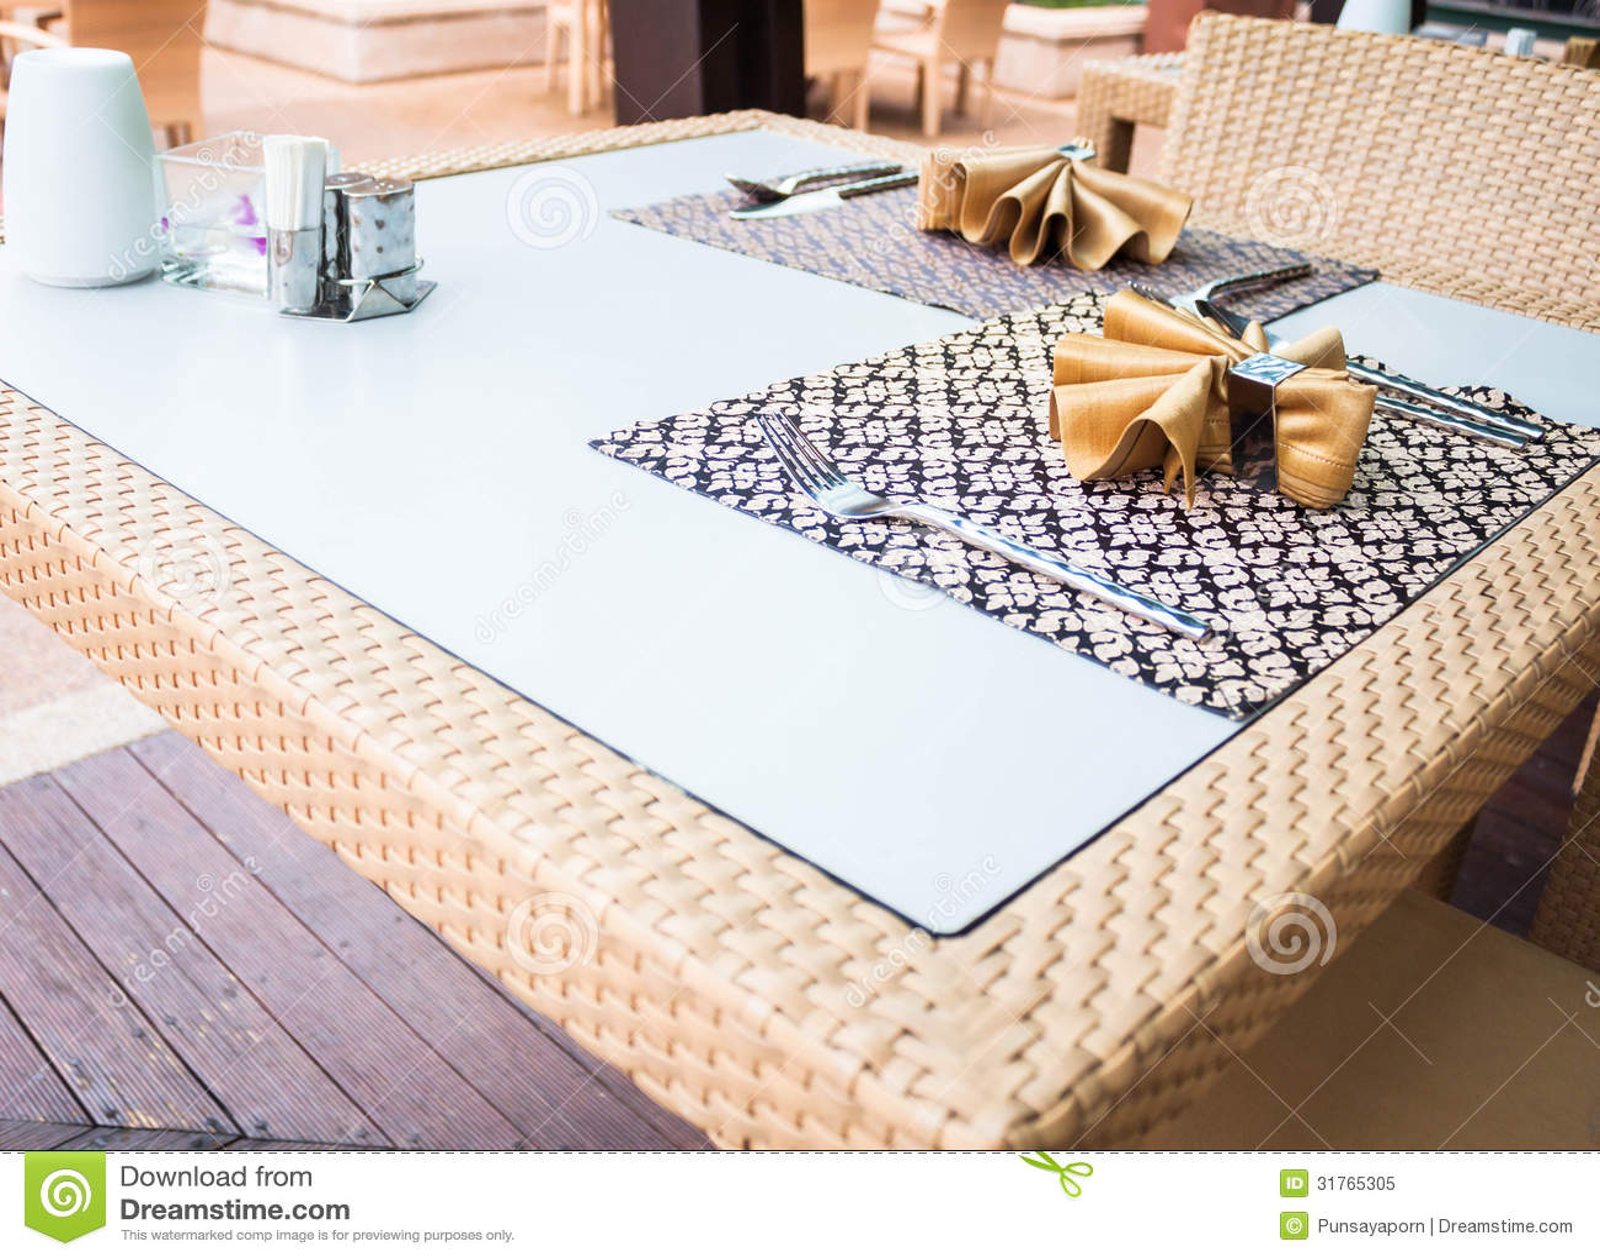 Table de salle manger orientale de style photo libre de for Salle a manger orientale